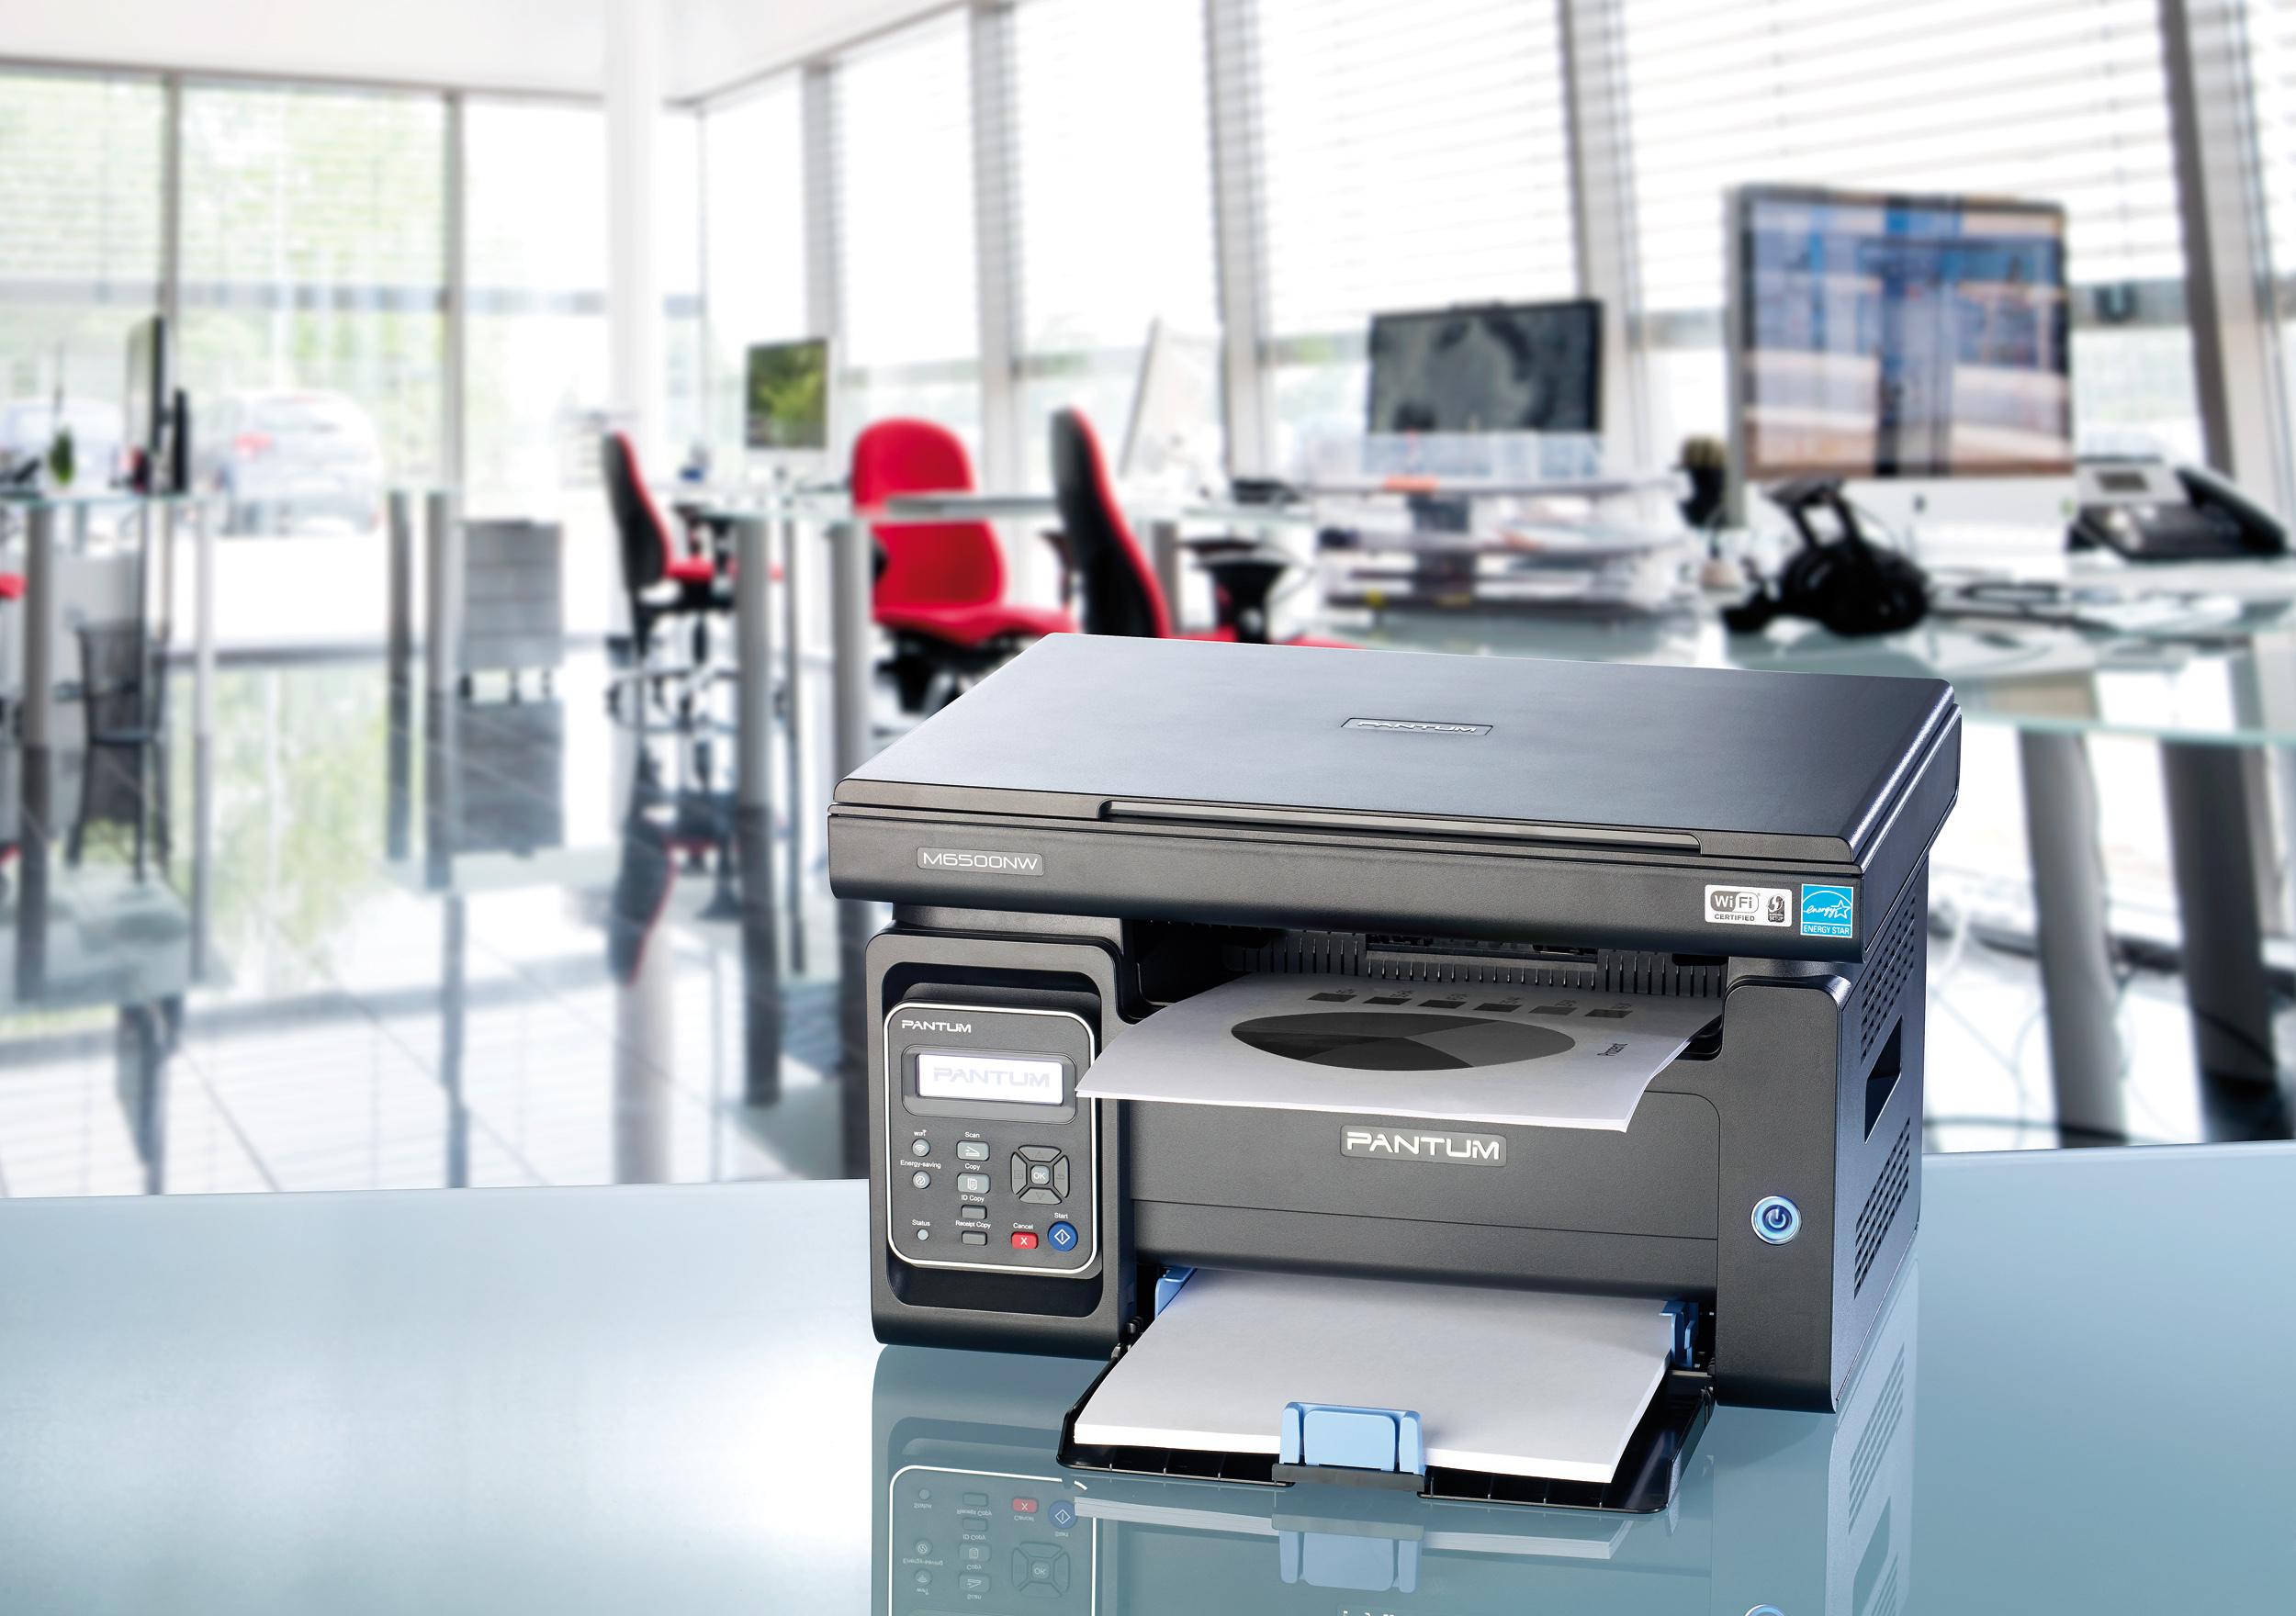 Pantum Profi-Drucker jetzt auch in Deutschland / Optimale Ausdrucke ...